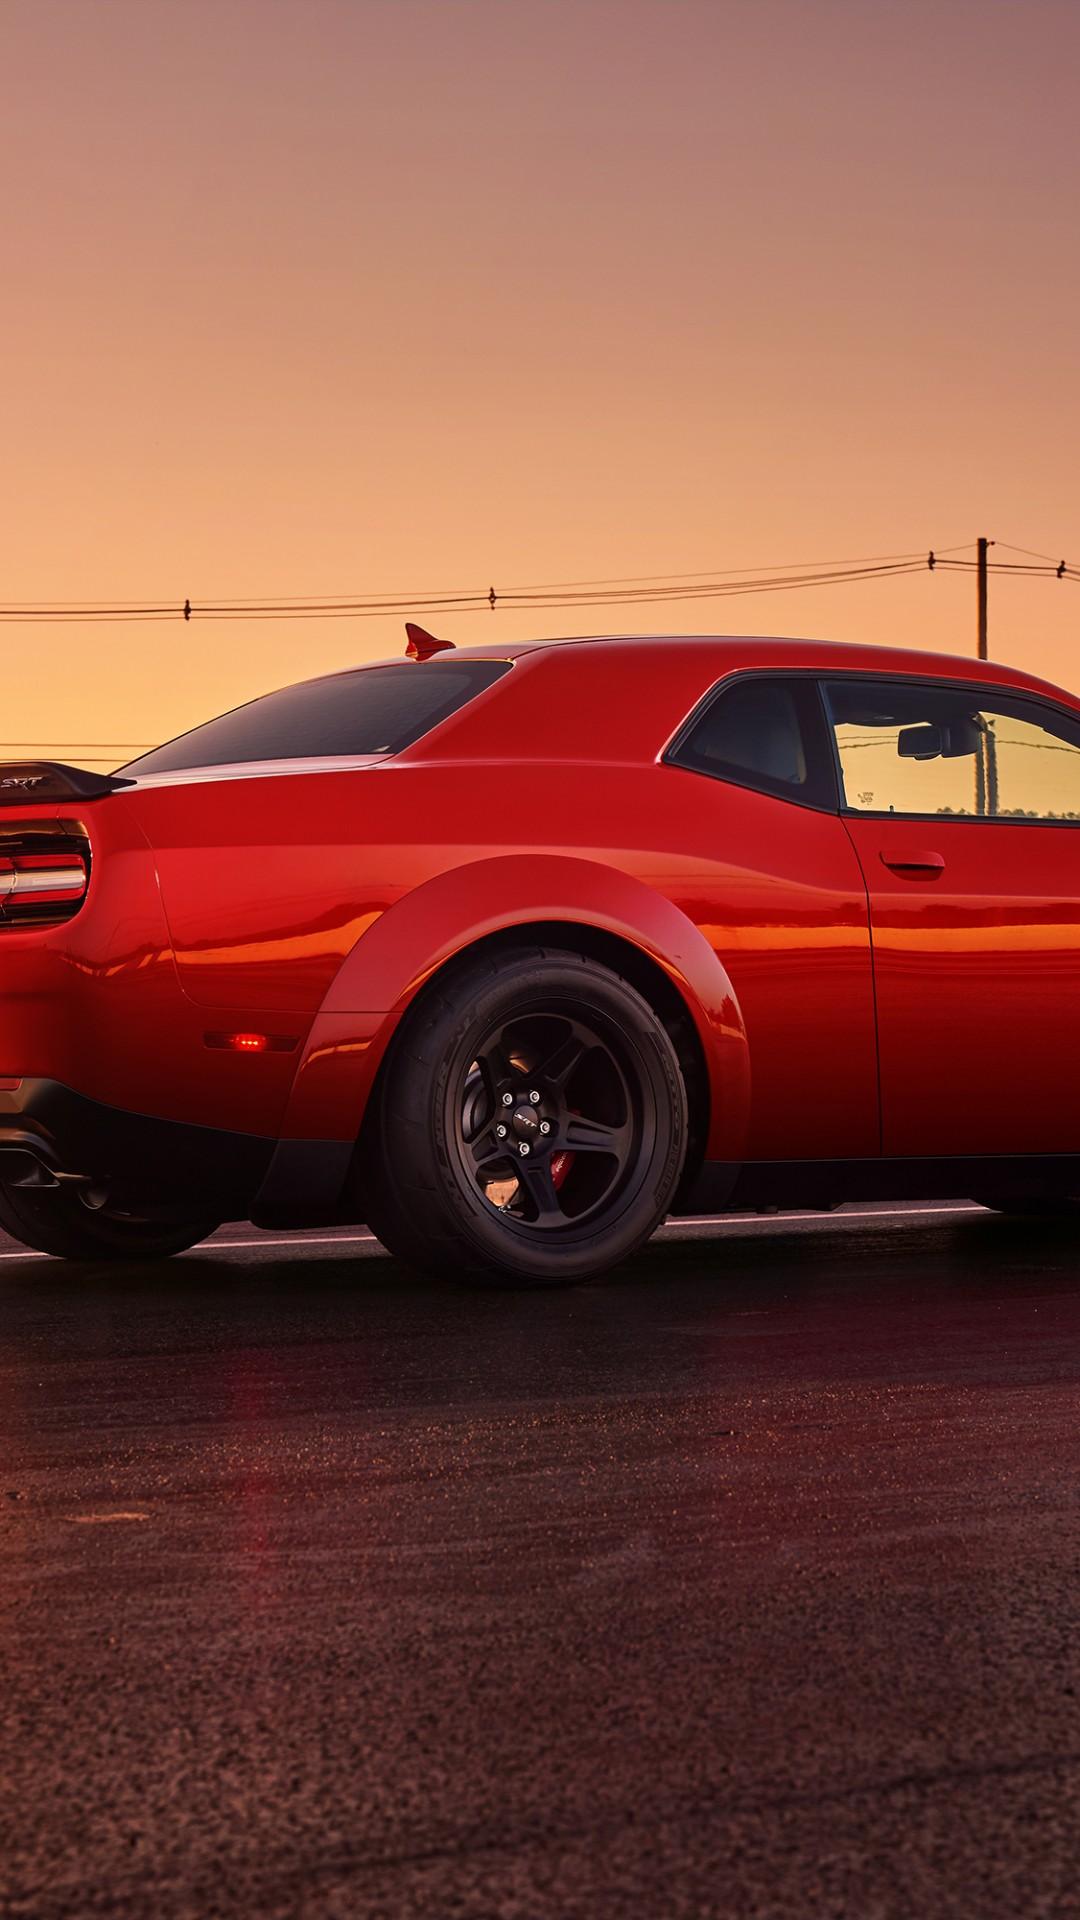 New Challenger Demon >> Wallpaper Dodge Challenger SRT Demon, red, 2017 New York